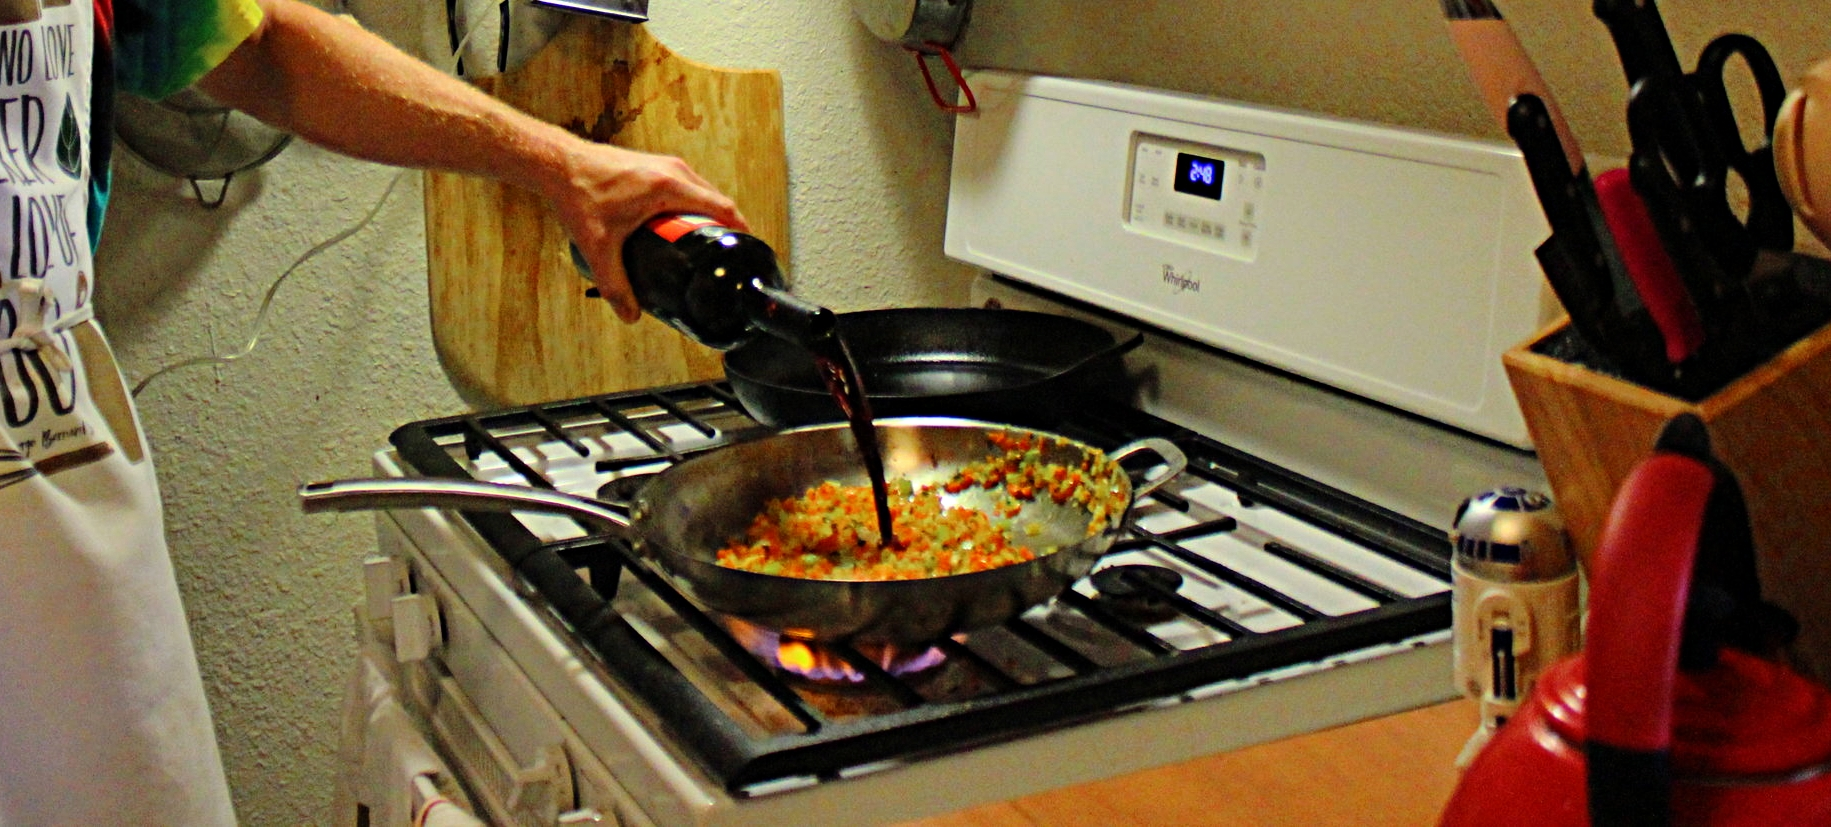 Always cook with wine. Always.